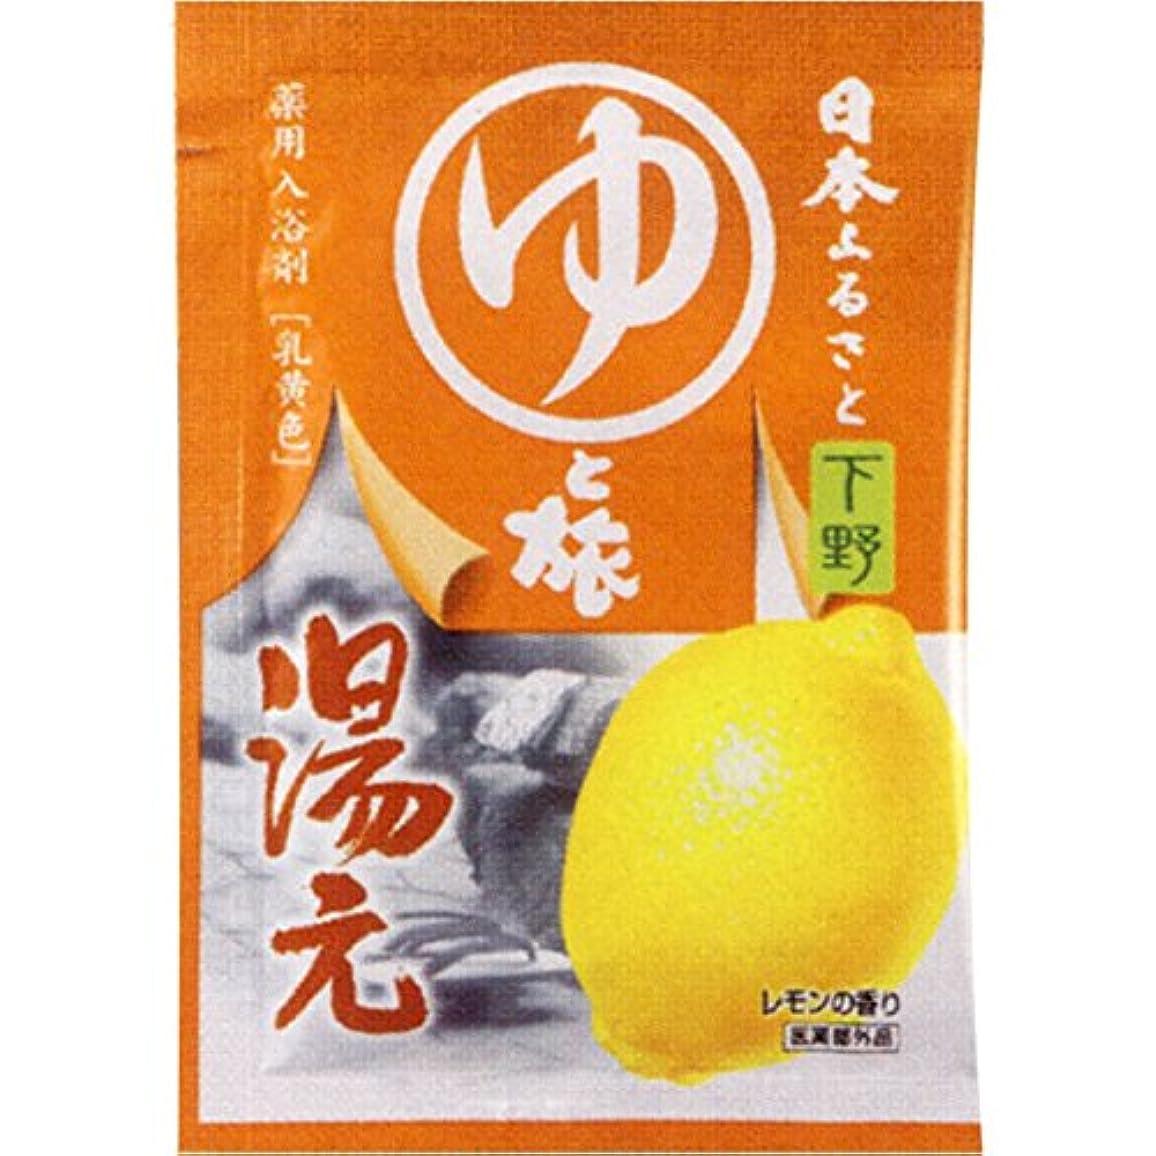 高音不安定なサーバントヤマサキ 日本ふるさとゆと旅 湯元 30g (医薬部外品)